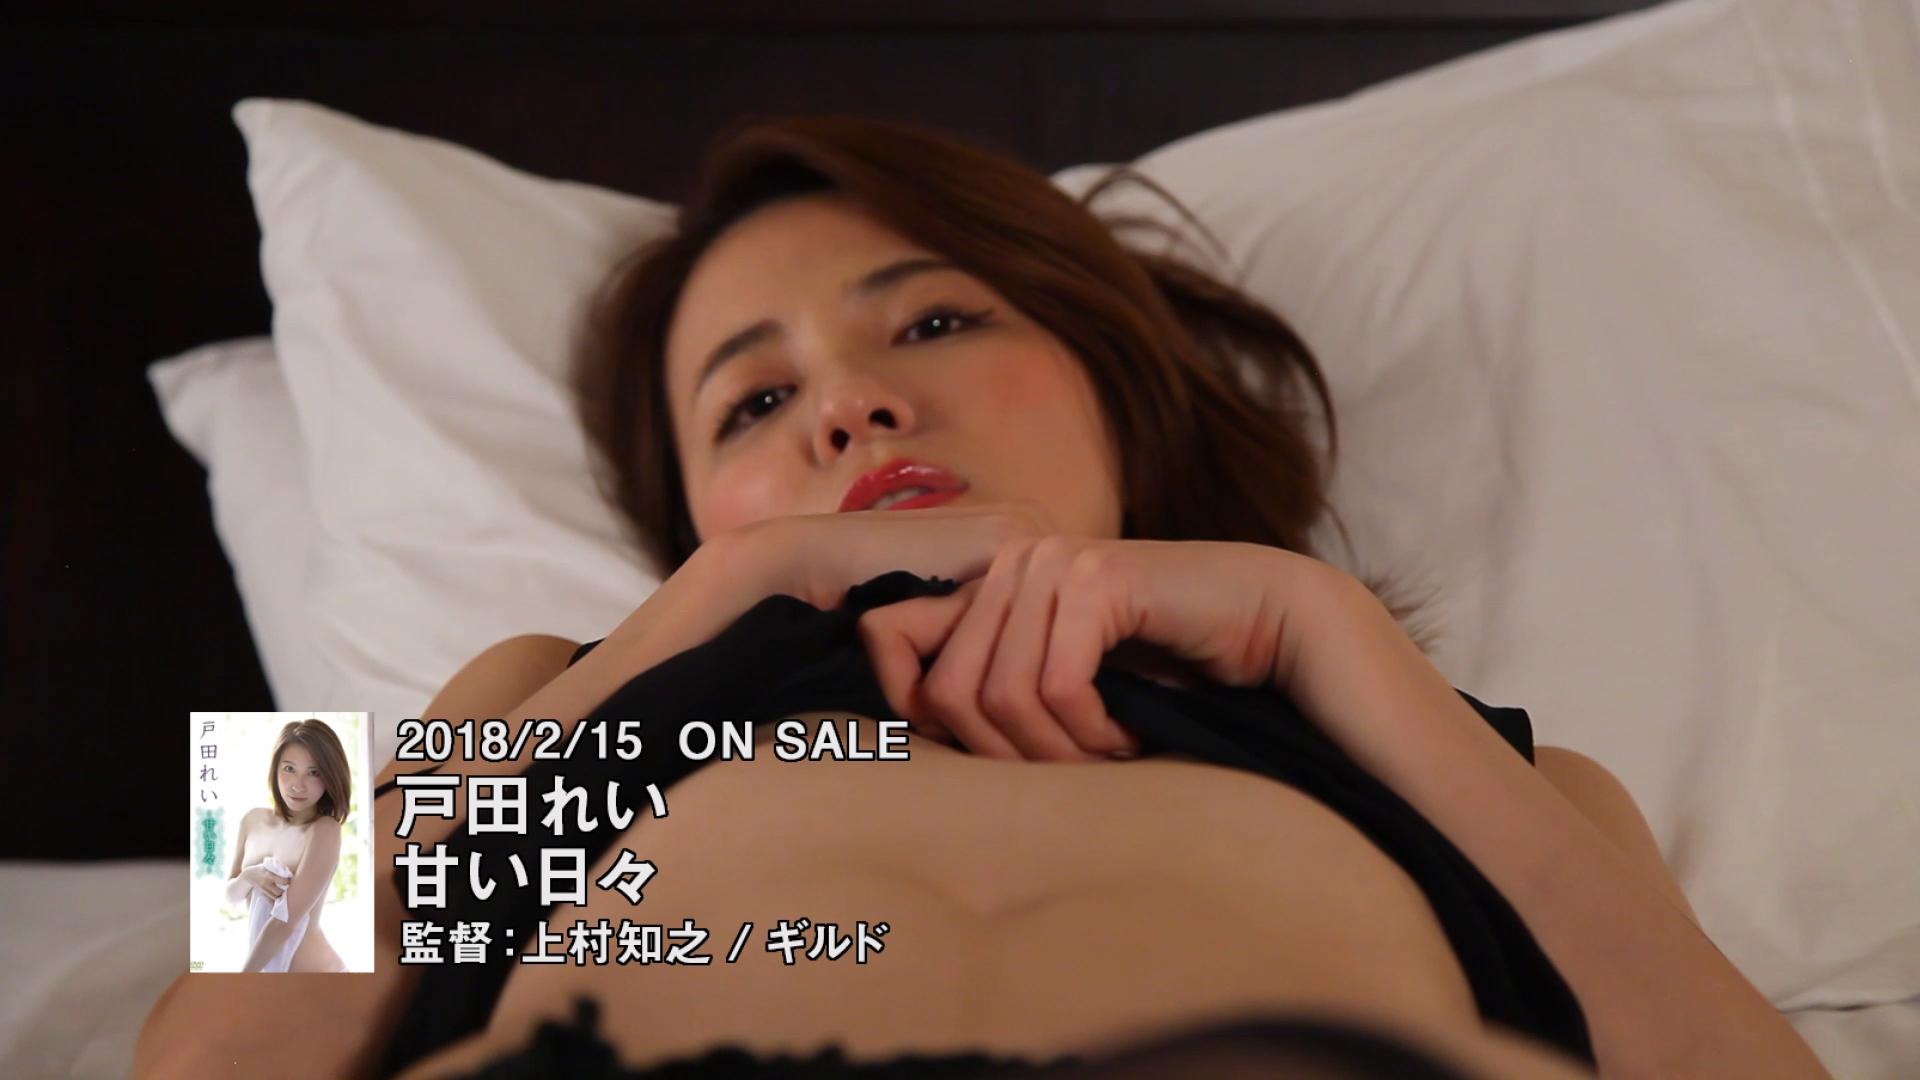 戸田れいのイメージDVDエロ画像086